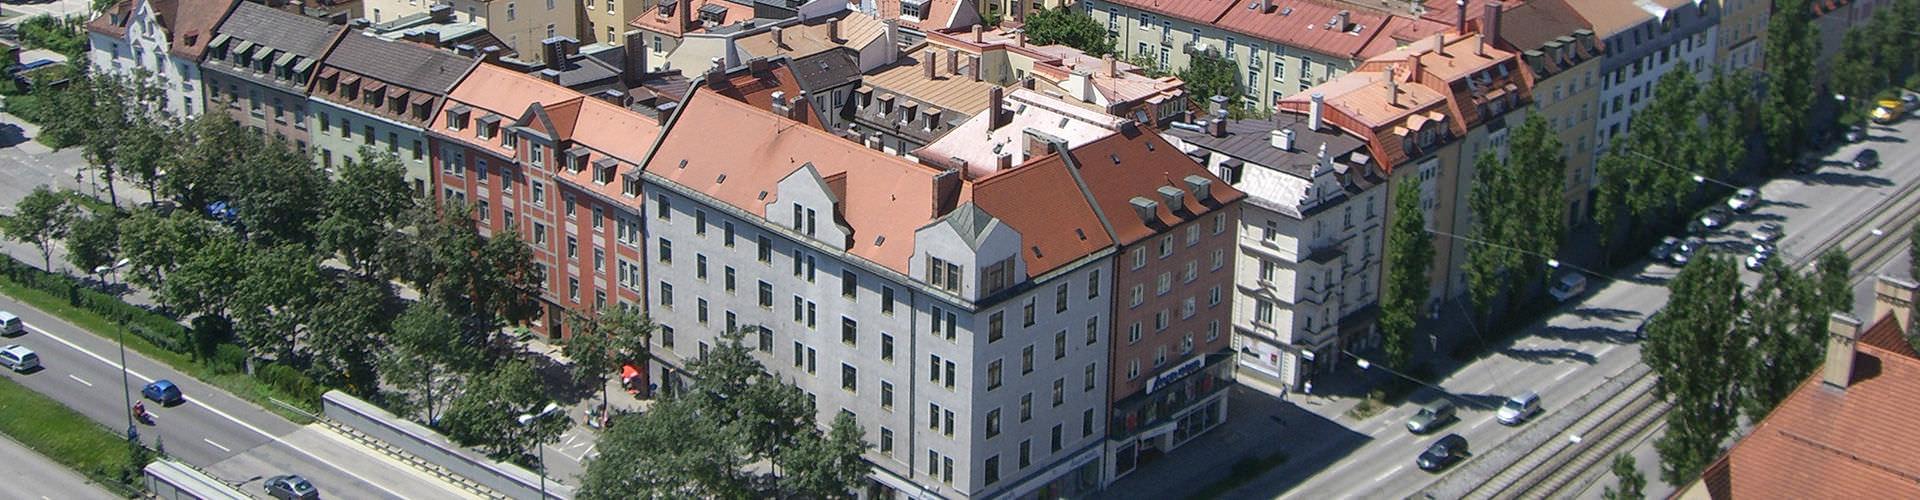 Munique – Albergues no bairro de oestFinal . Mapas para Munique, Fotos e Avaliações para cada Albergue em Munique.